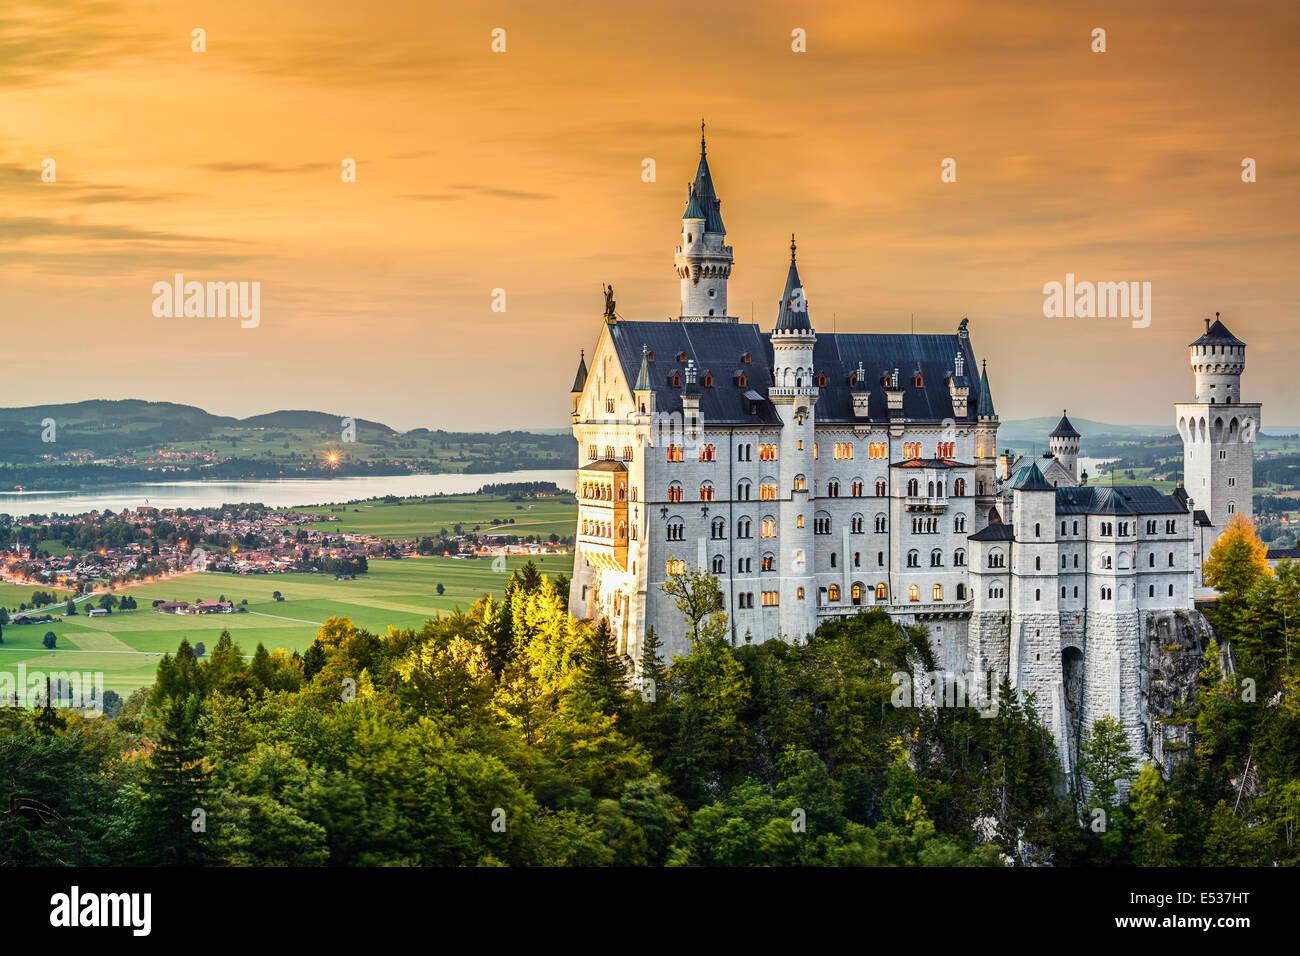 El castillo de Neuschwanstein en los Alpes bávaros de Alemania. Imagen De Stock